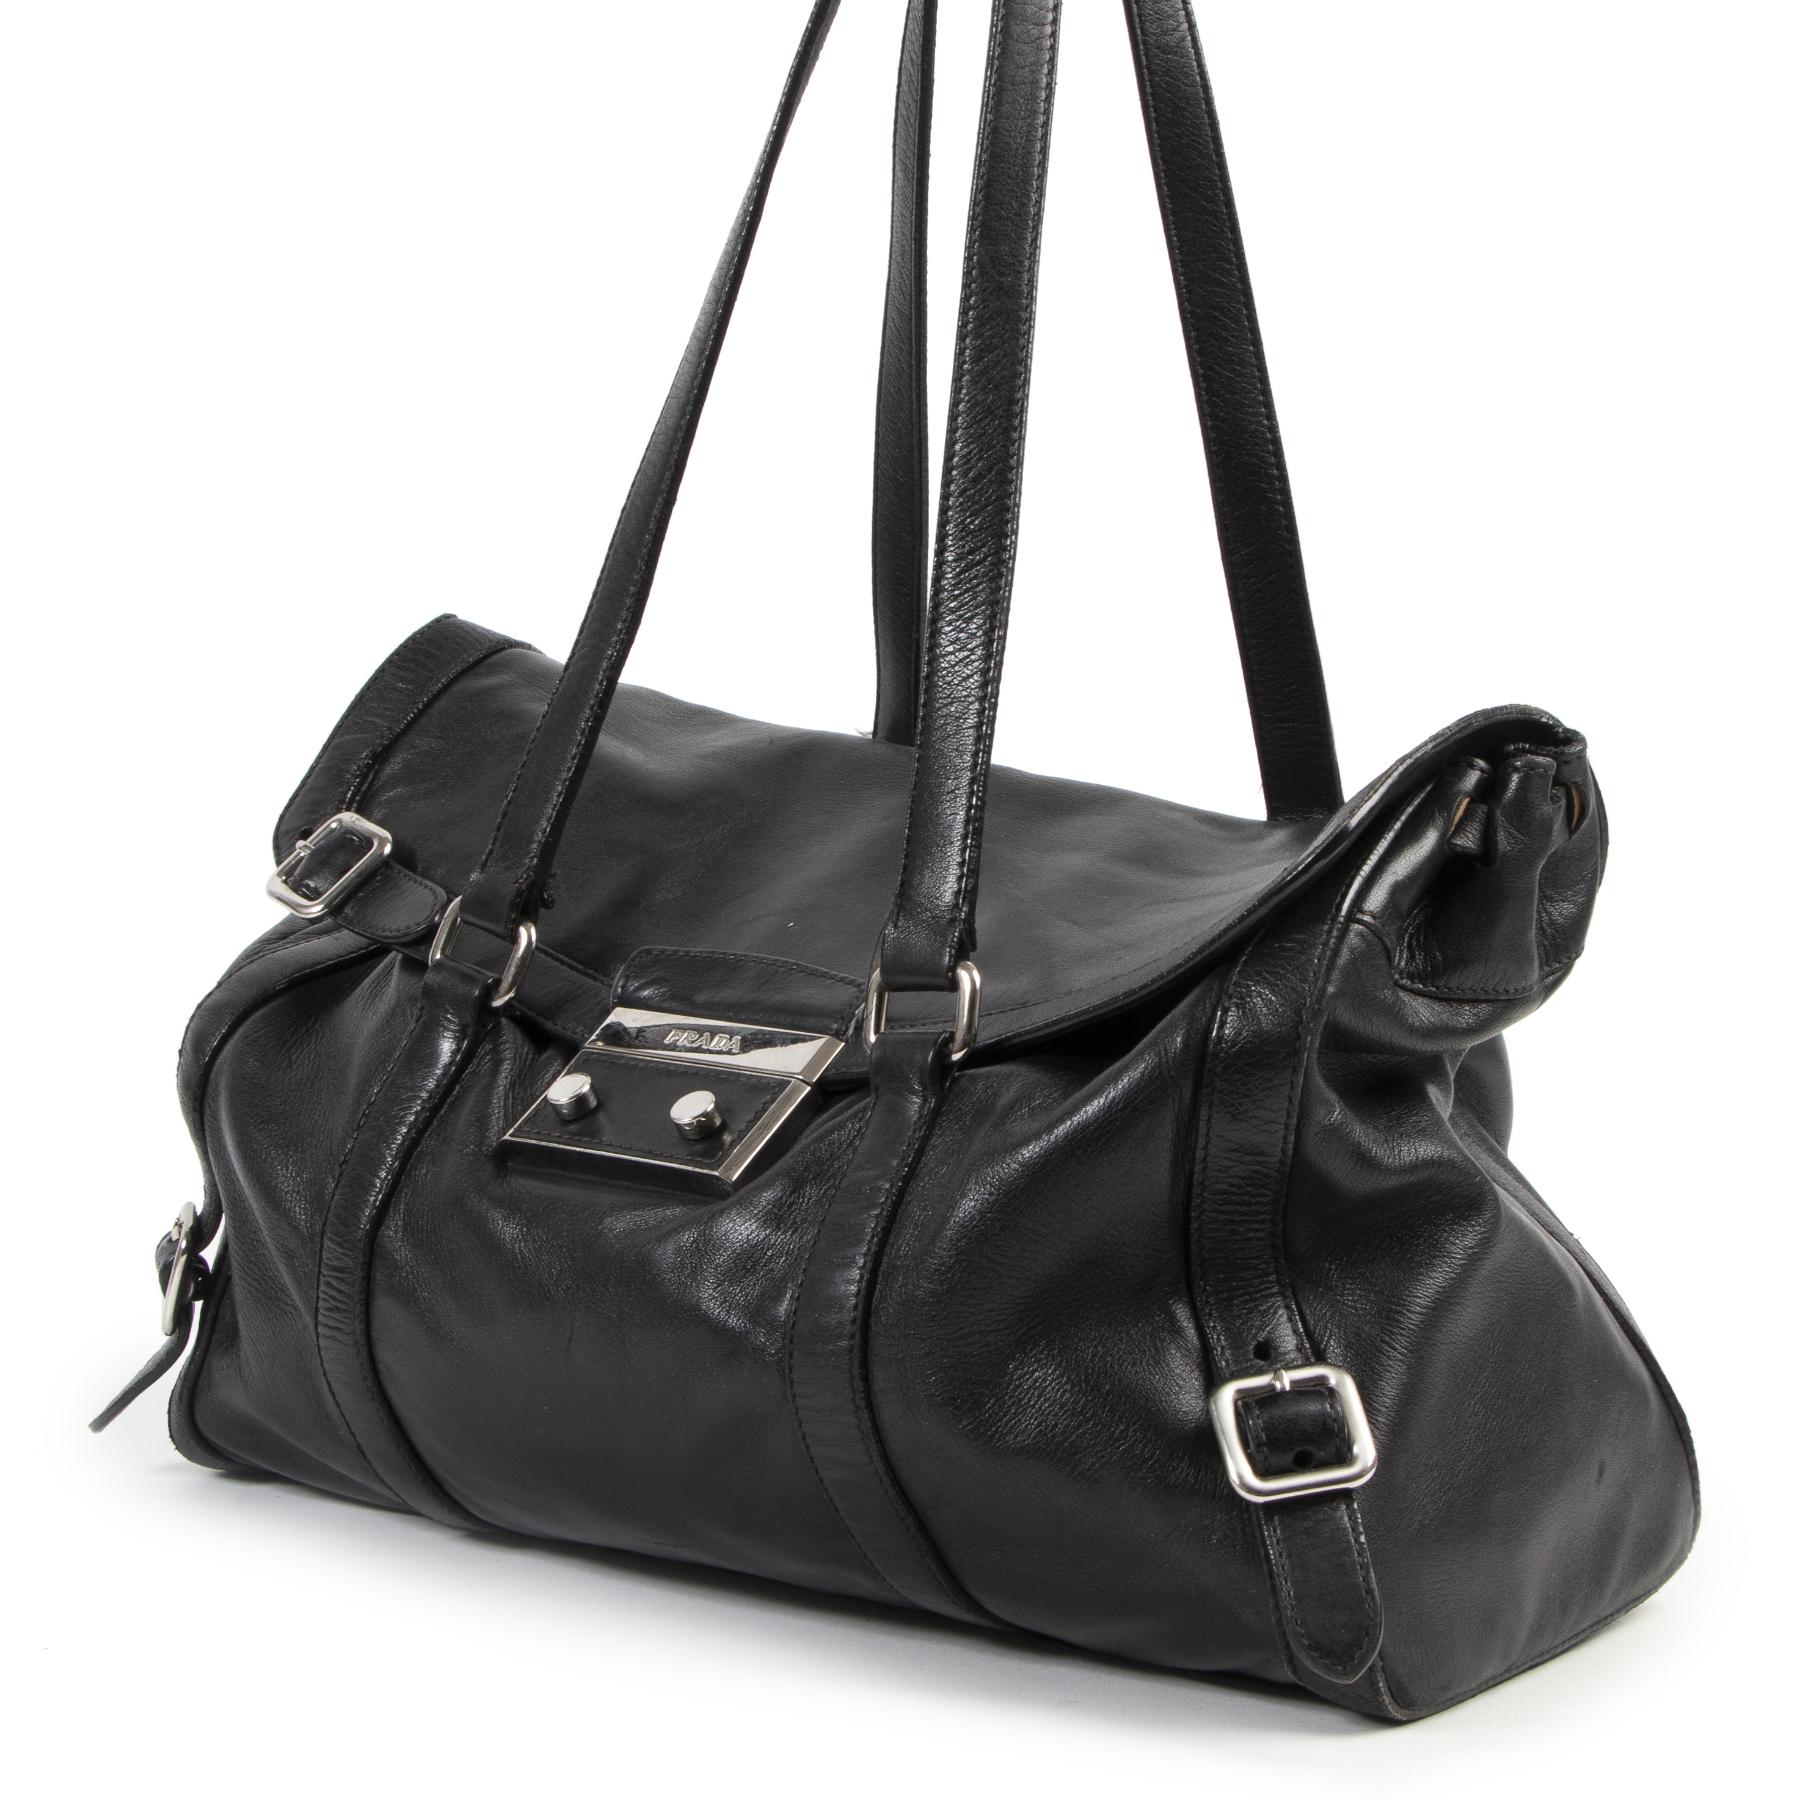 Authentieke Tweedehands Prada Black Leather Shoulder Bag juiste prijs veilig online shoppen luxe merken webshop winkelen Antwerpen België mode fashion